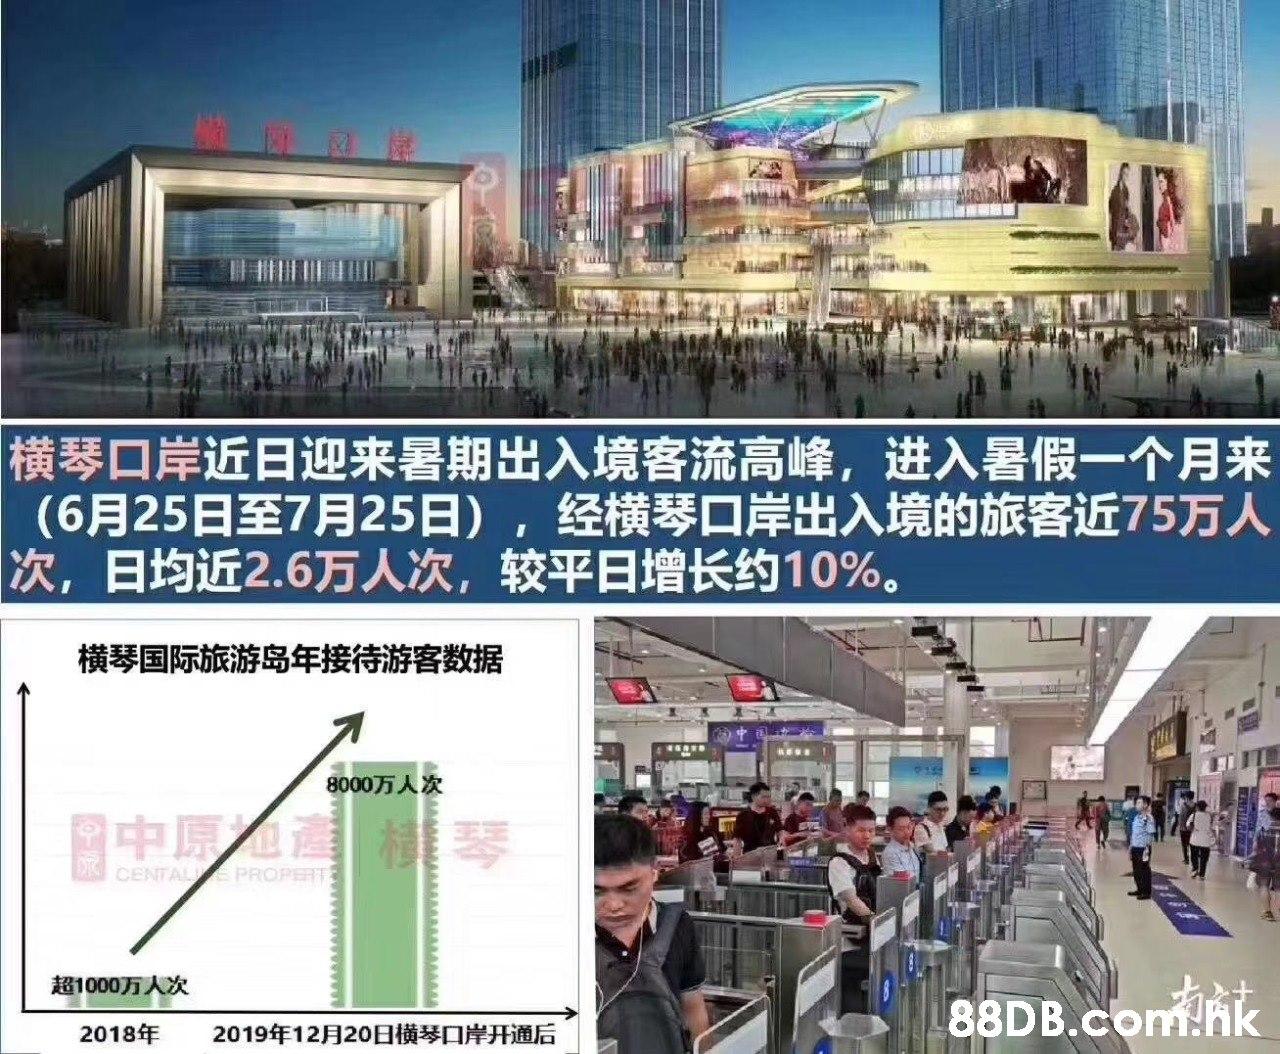 横琴口岸近日迎来暑期出入境客流高峰,进入暑假一个月来 (6月25日至7月25日),经横琴口岸出入境的旅客近75万人 次,日均近2.6万人次,较平日增长约10%。 横琴国际旅游岛年接待游客数据 8000万人次 中原產 琴 2 CENTAL PROPERT 超1000万人次 .hk 2019年12月20日横琴口岸开通后 2018年  Product,Transport,Building,Architecture,